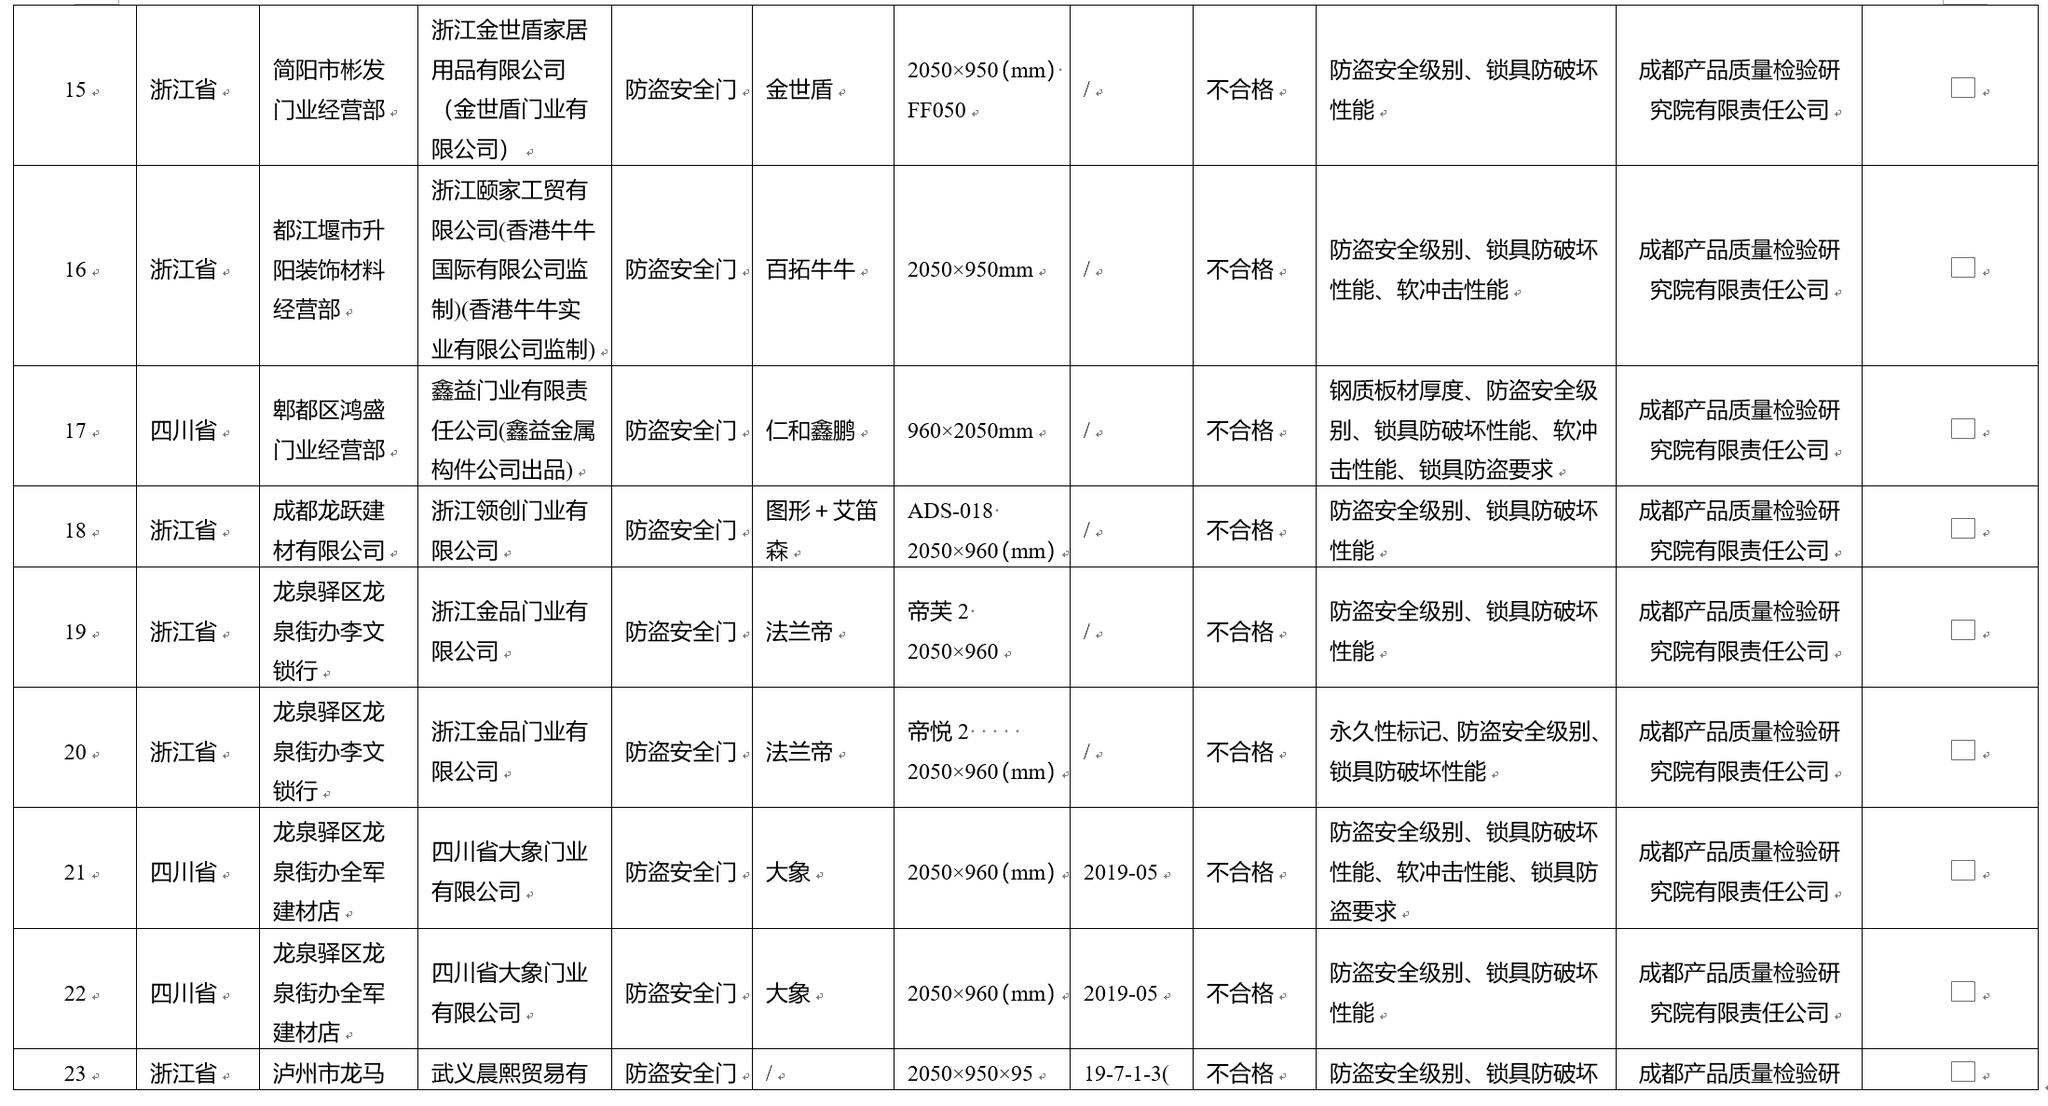 全讯白菜网论坛·故宫出雪糕了 全国这些景区也有特色雪糕(图)